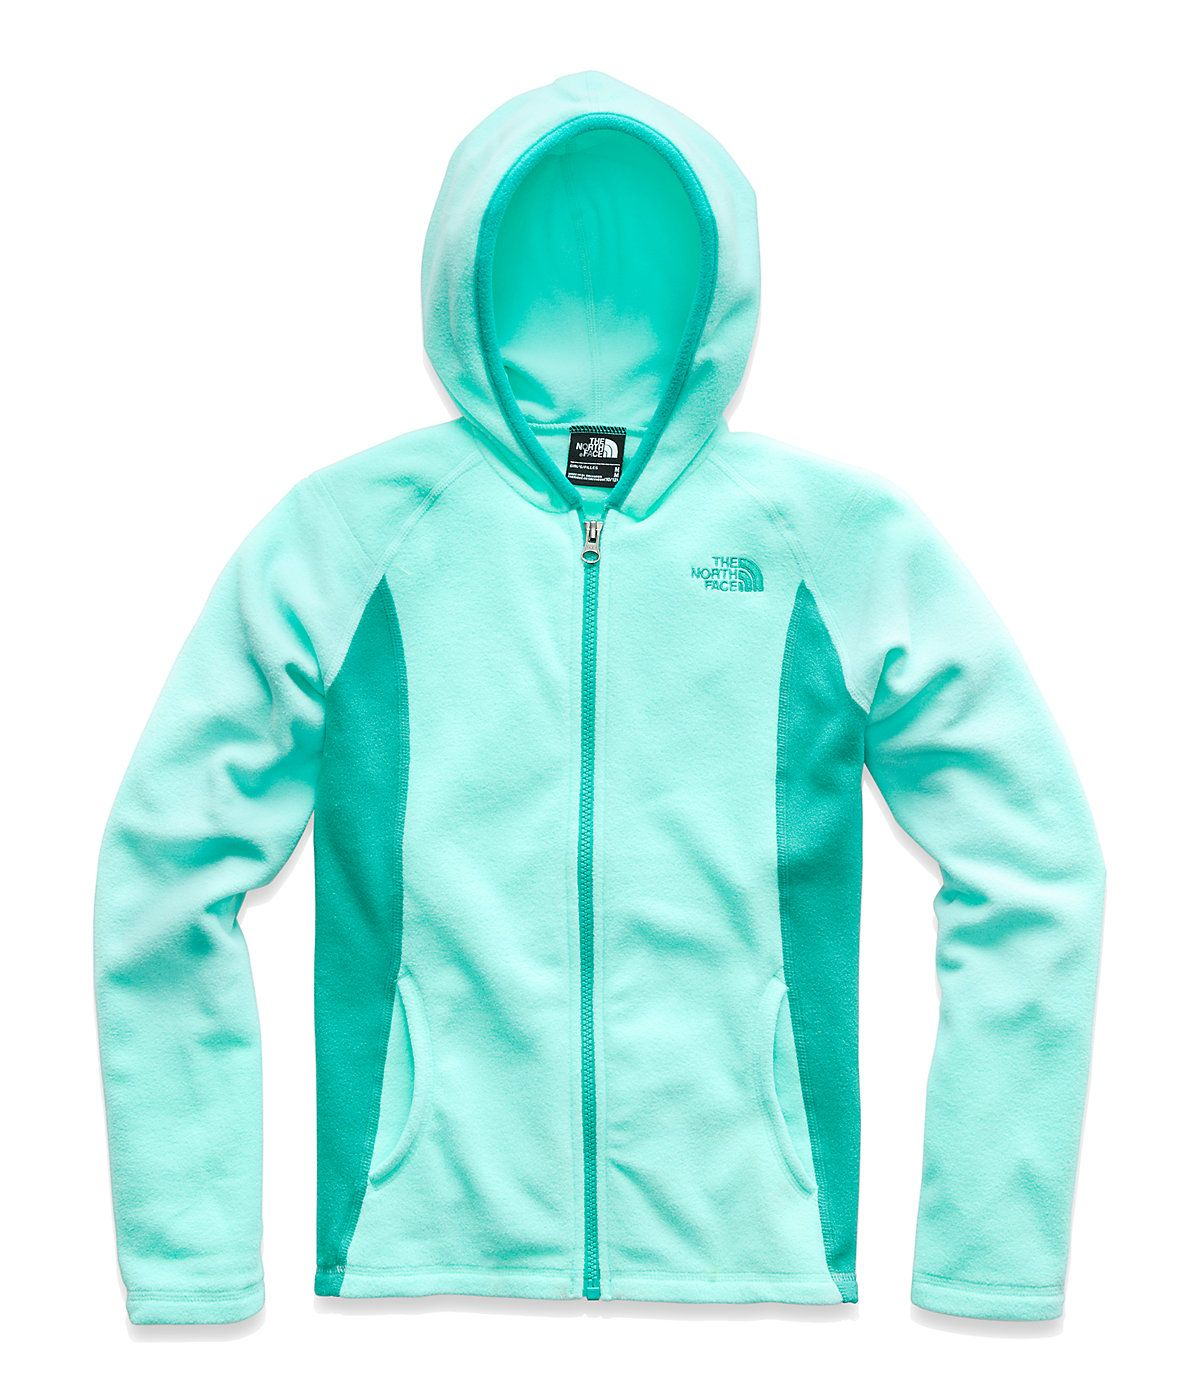 d99843147 Girls' glacier full zip hoodie in 2019 | Products | Full zip hoodie ...